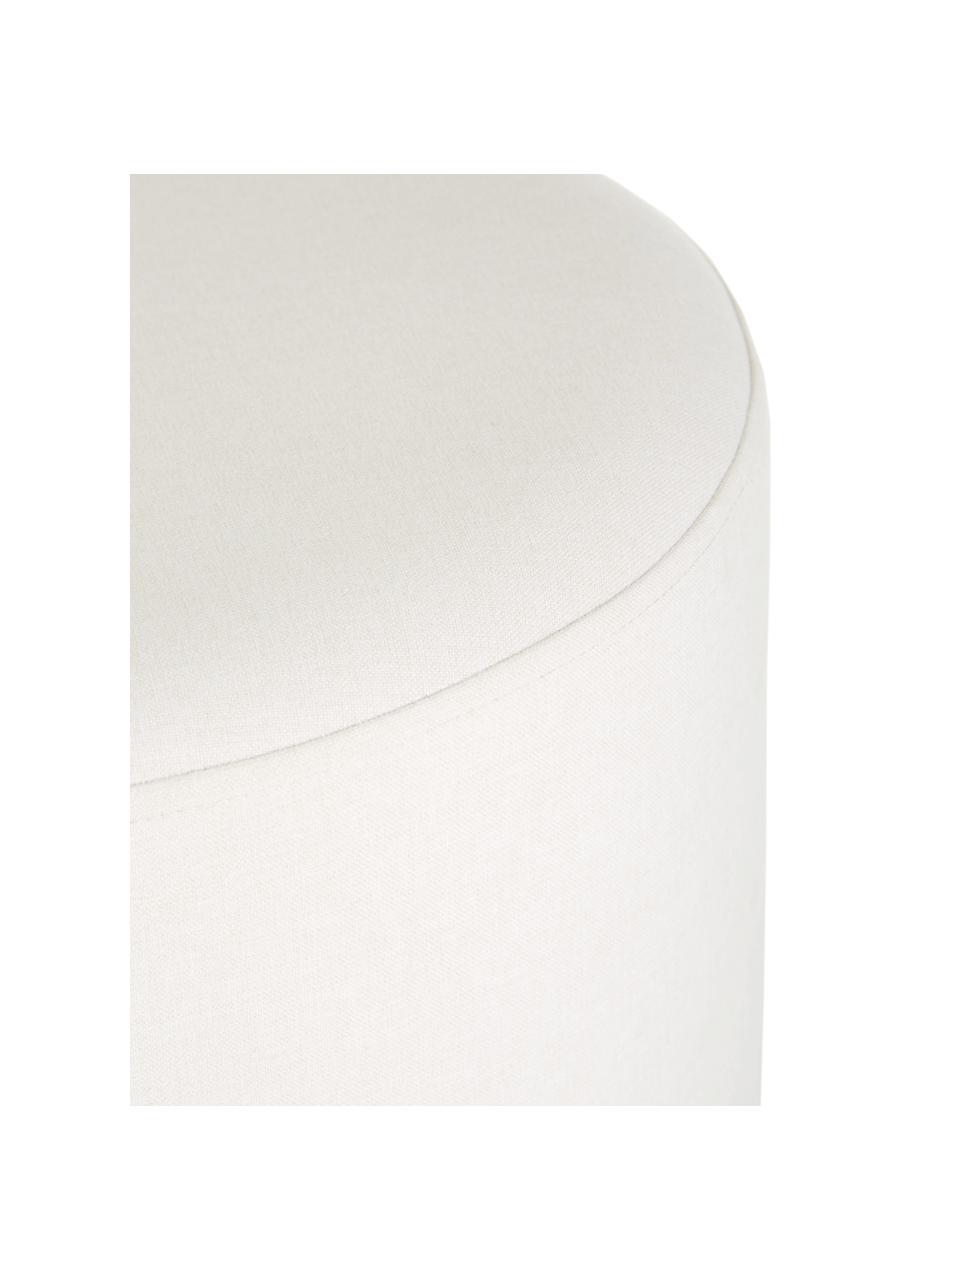 Kruk Daisy in crèmewit, Bekleding: 100% polyester, Frame: multiplex, Wit, Ø 38 x H 45 cm